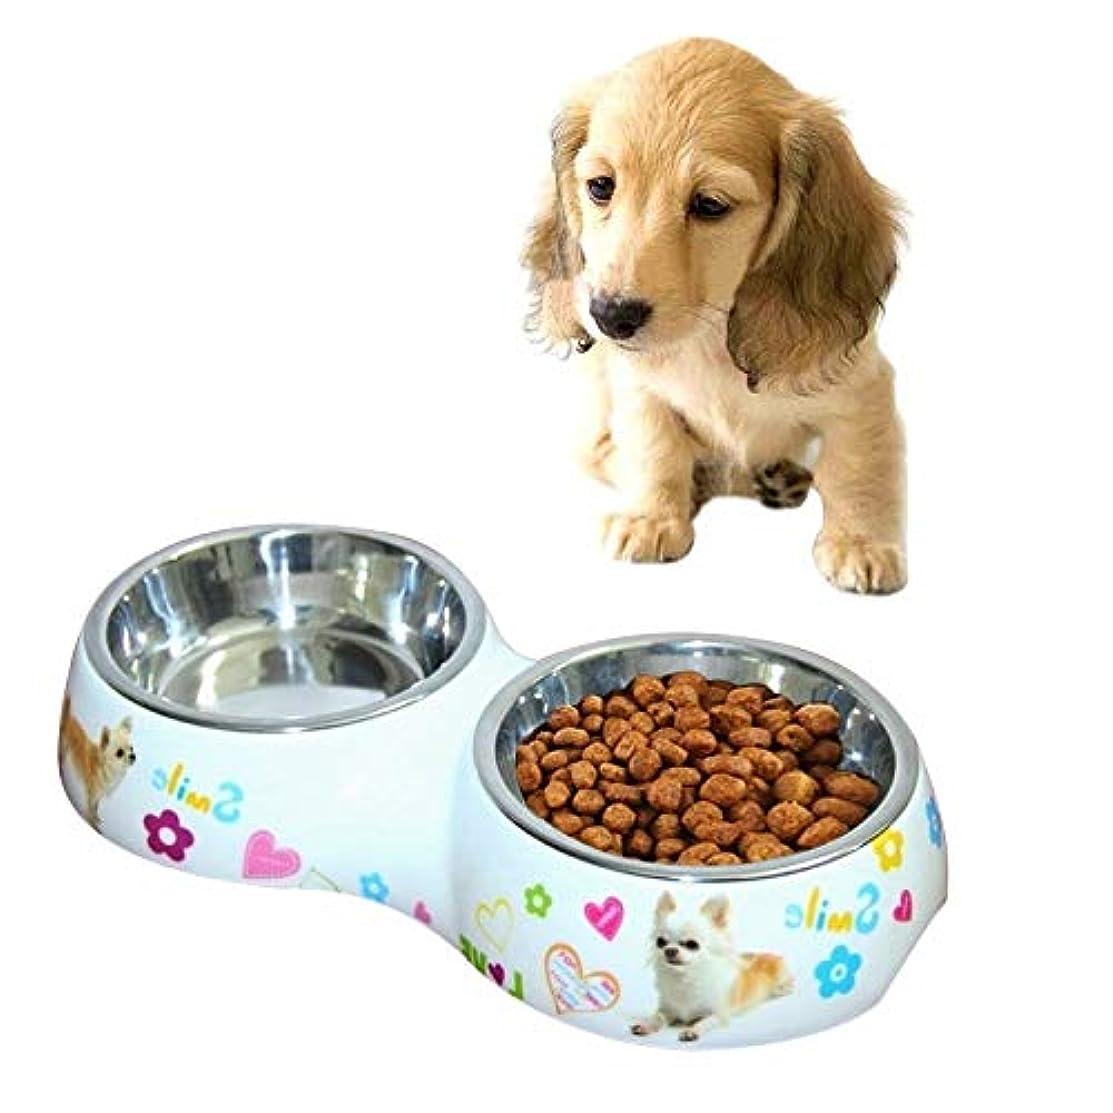 KUNPN ステンレス鋼 防水 取り外し可能 二つボール ドッグボウル 猫 犬 ペットボウル サイズ:S(26 * 13.5 * 4.5 cm)